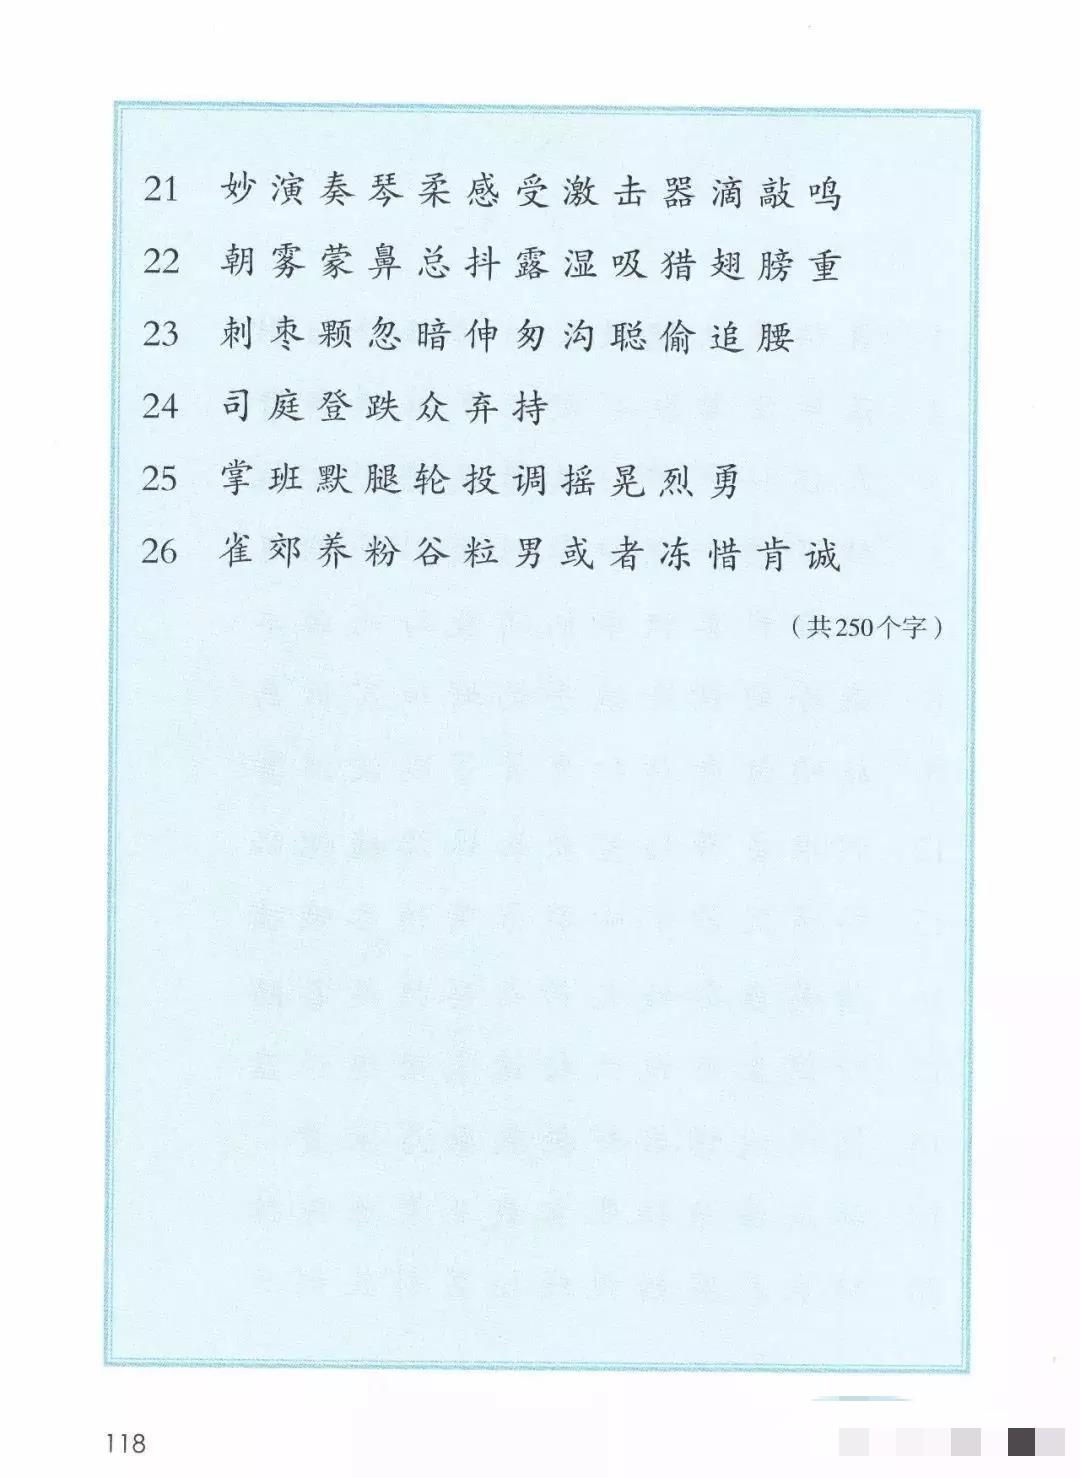 部编版三年级上册语文《写字表》